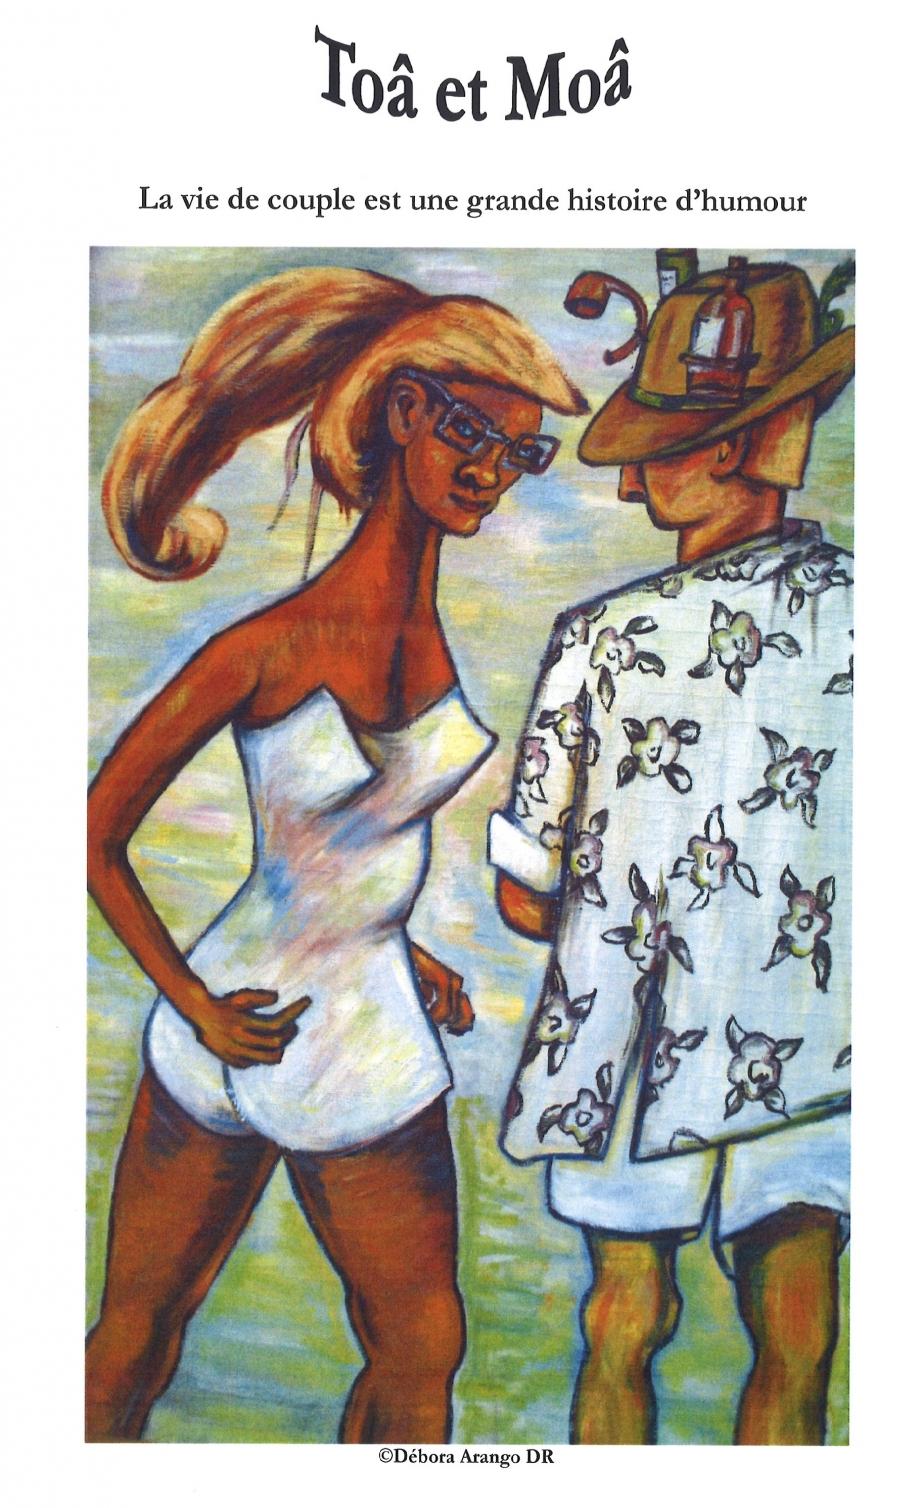 Toâ et Moâ Couple 01.jpg